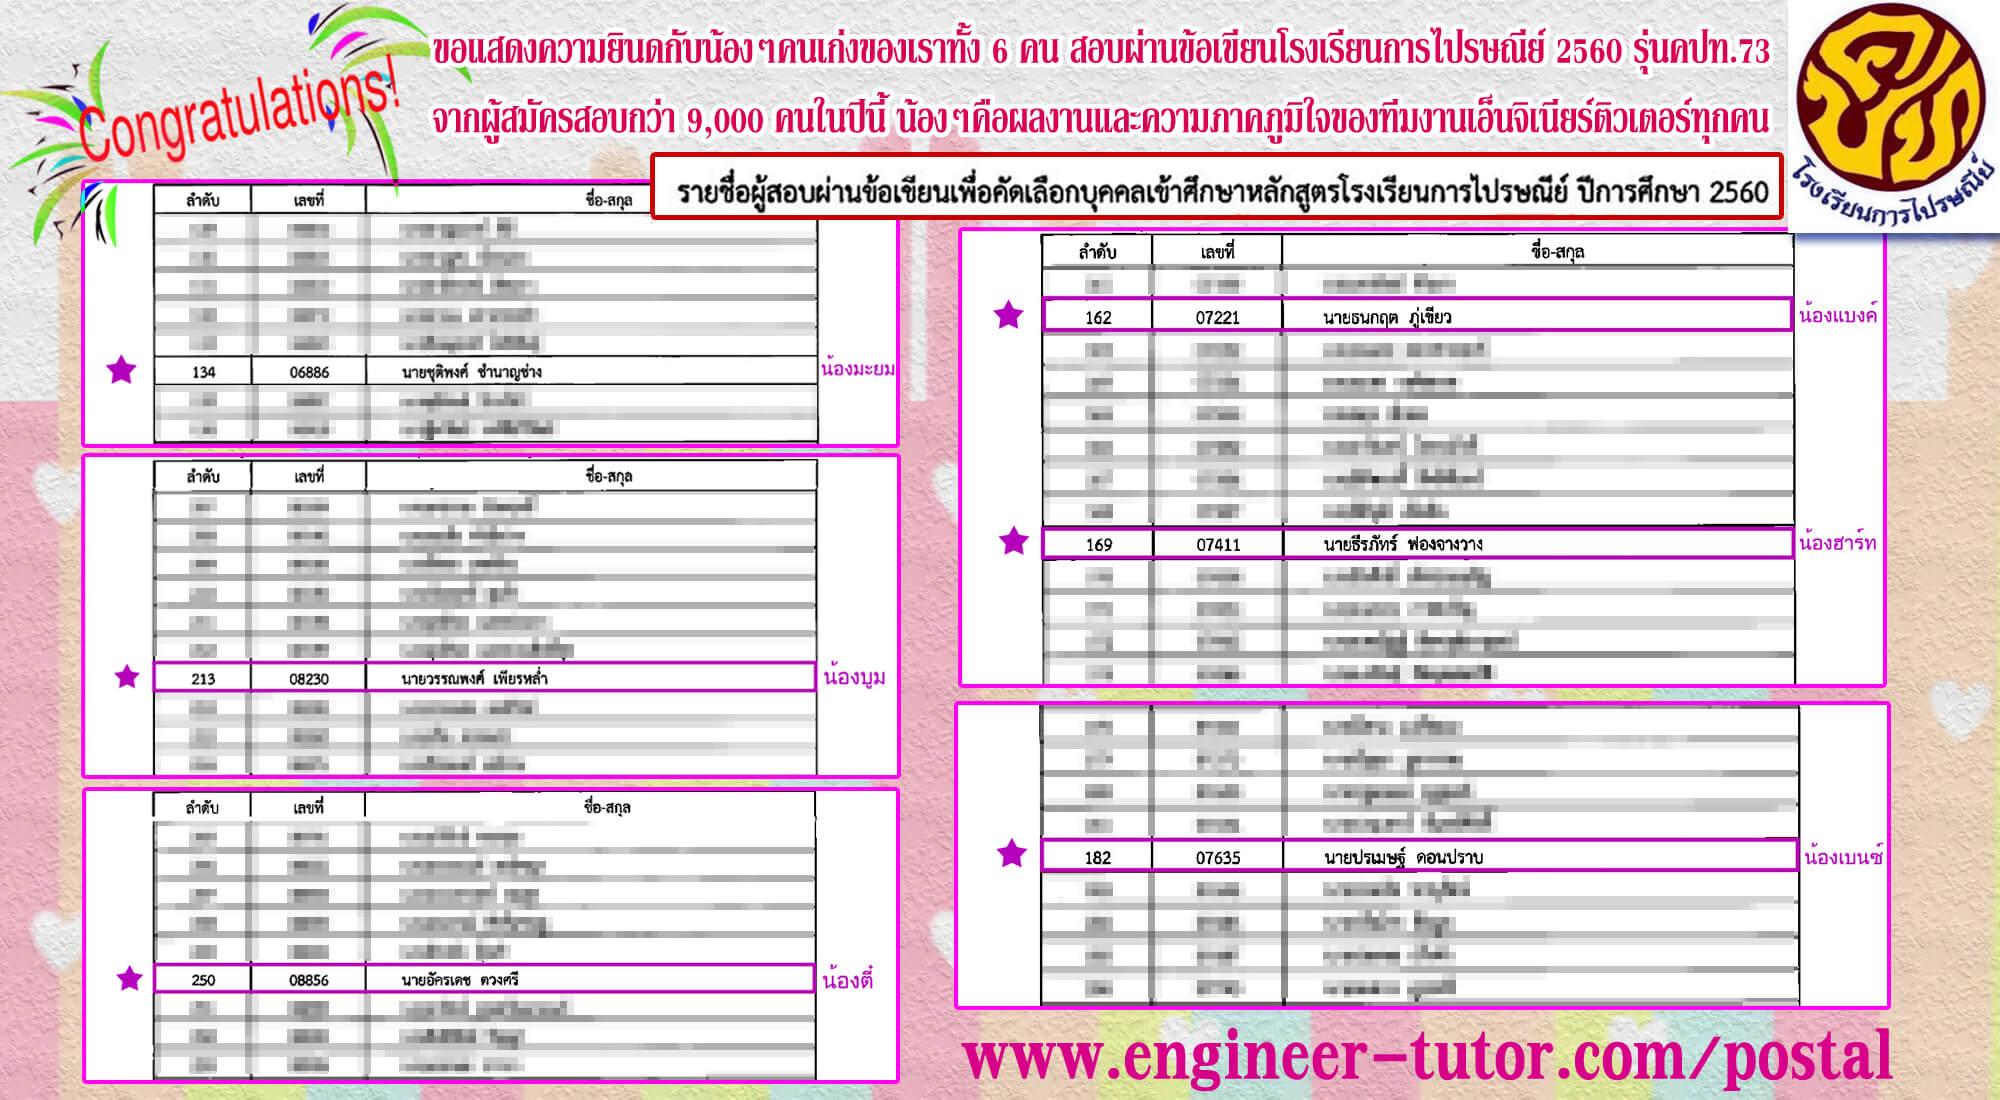 ผลงานติวสอบโรงเรียนการไปรษณีย์ 2560 รุ่น คปท.73